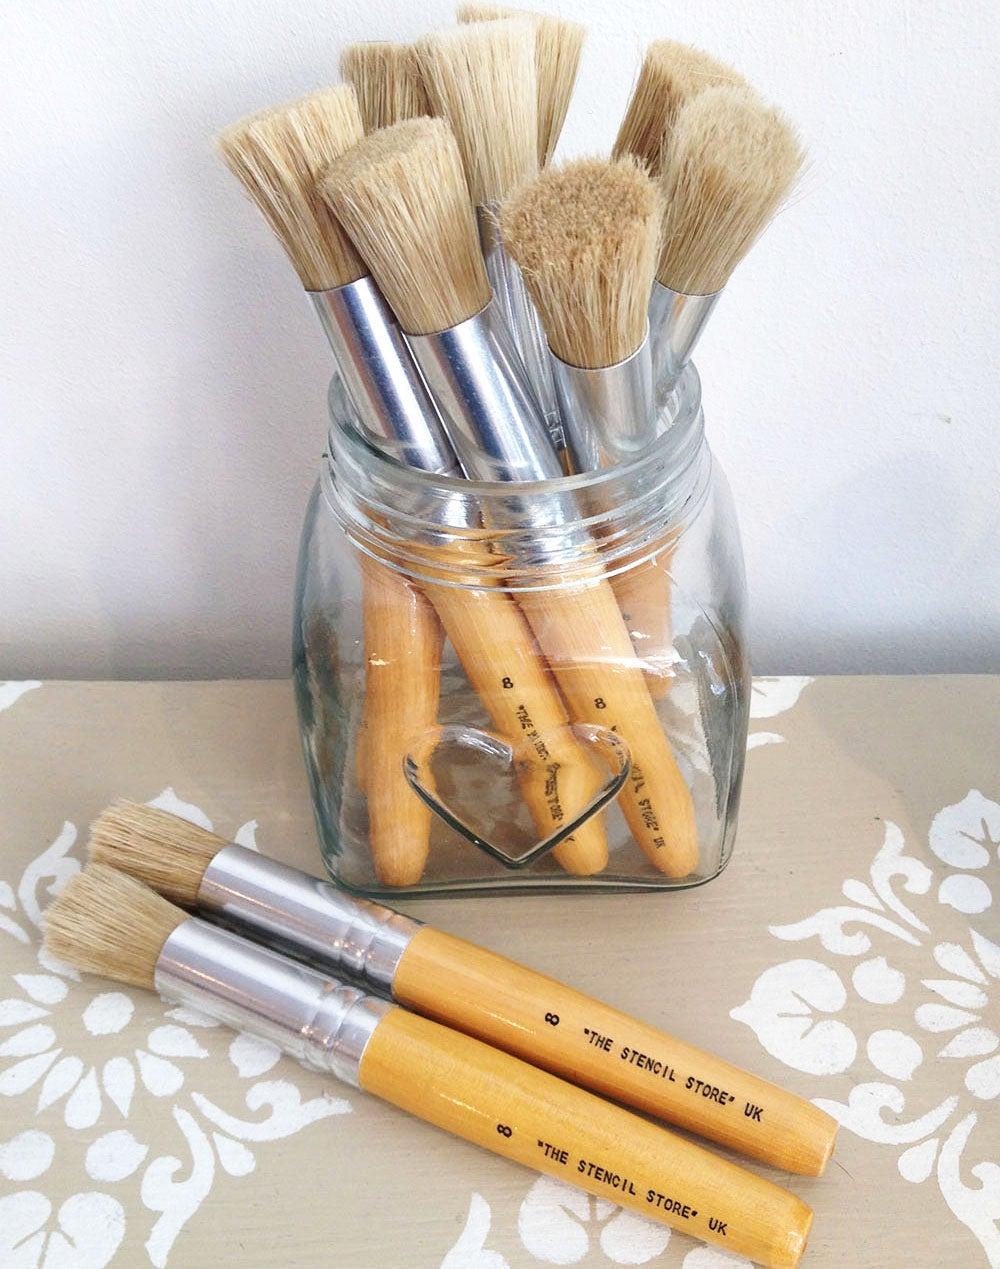 stencil brush    nicolette tabram